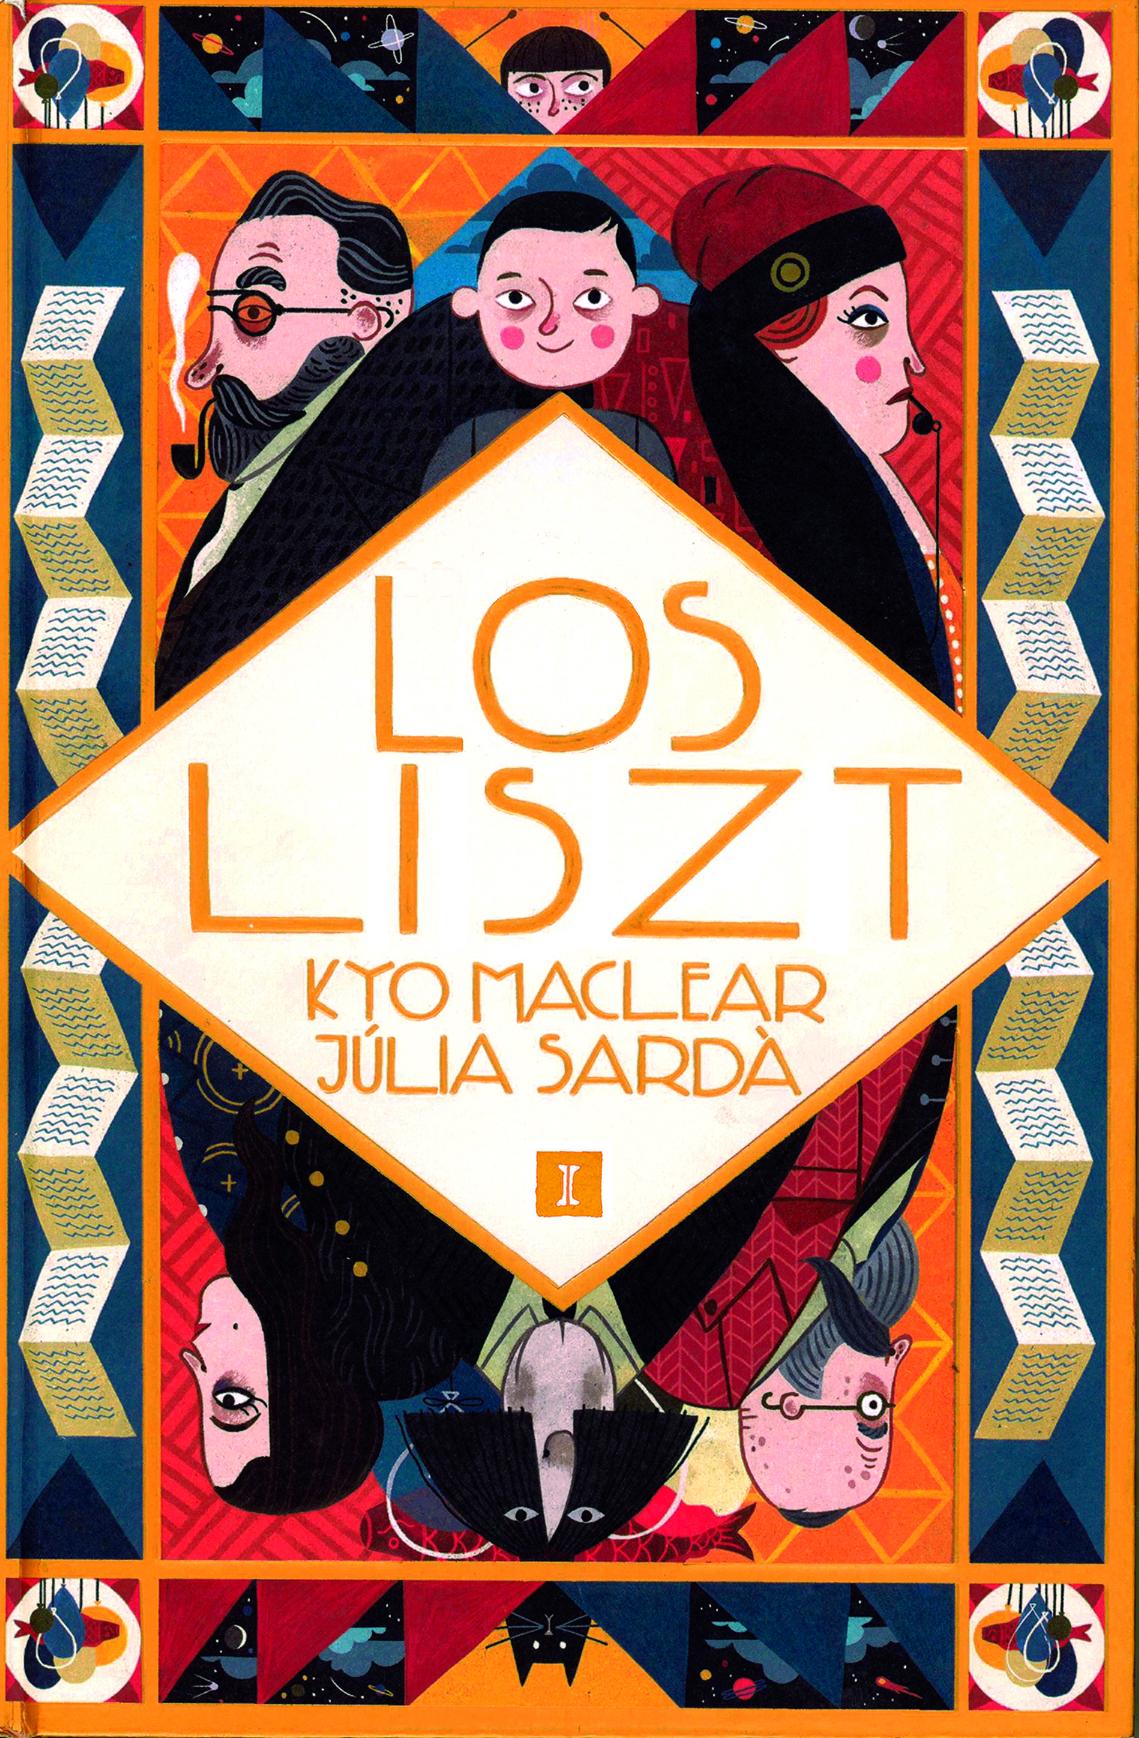 Los libreros navarros premian a Santiago Lorenzo, Harkaitz Cano y Julia Sardà